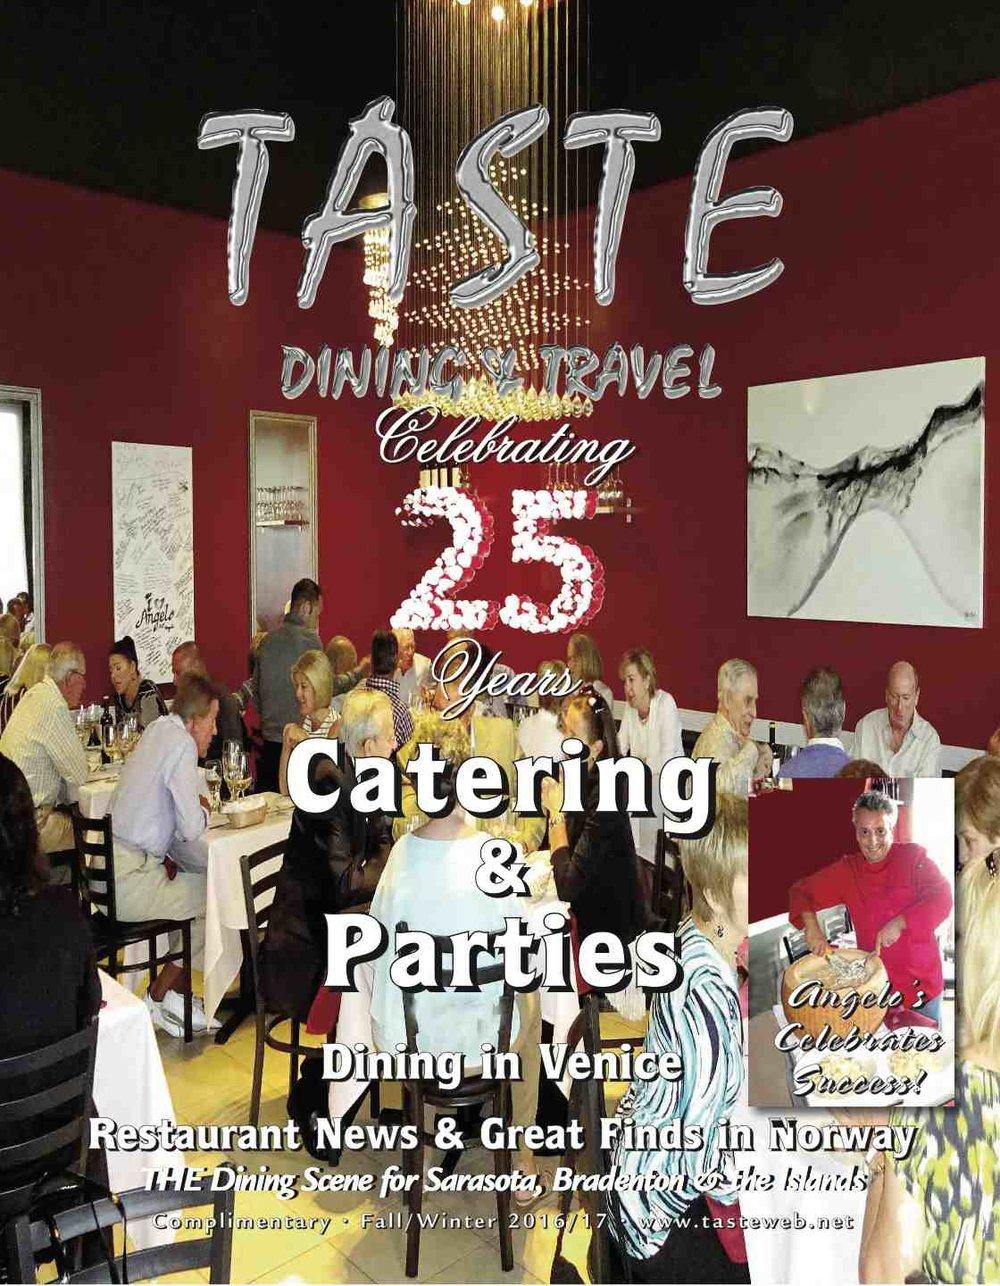 Taste. Dining & Travel Magazine Cover